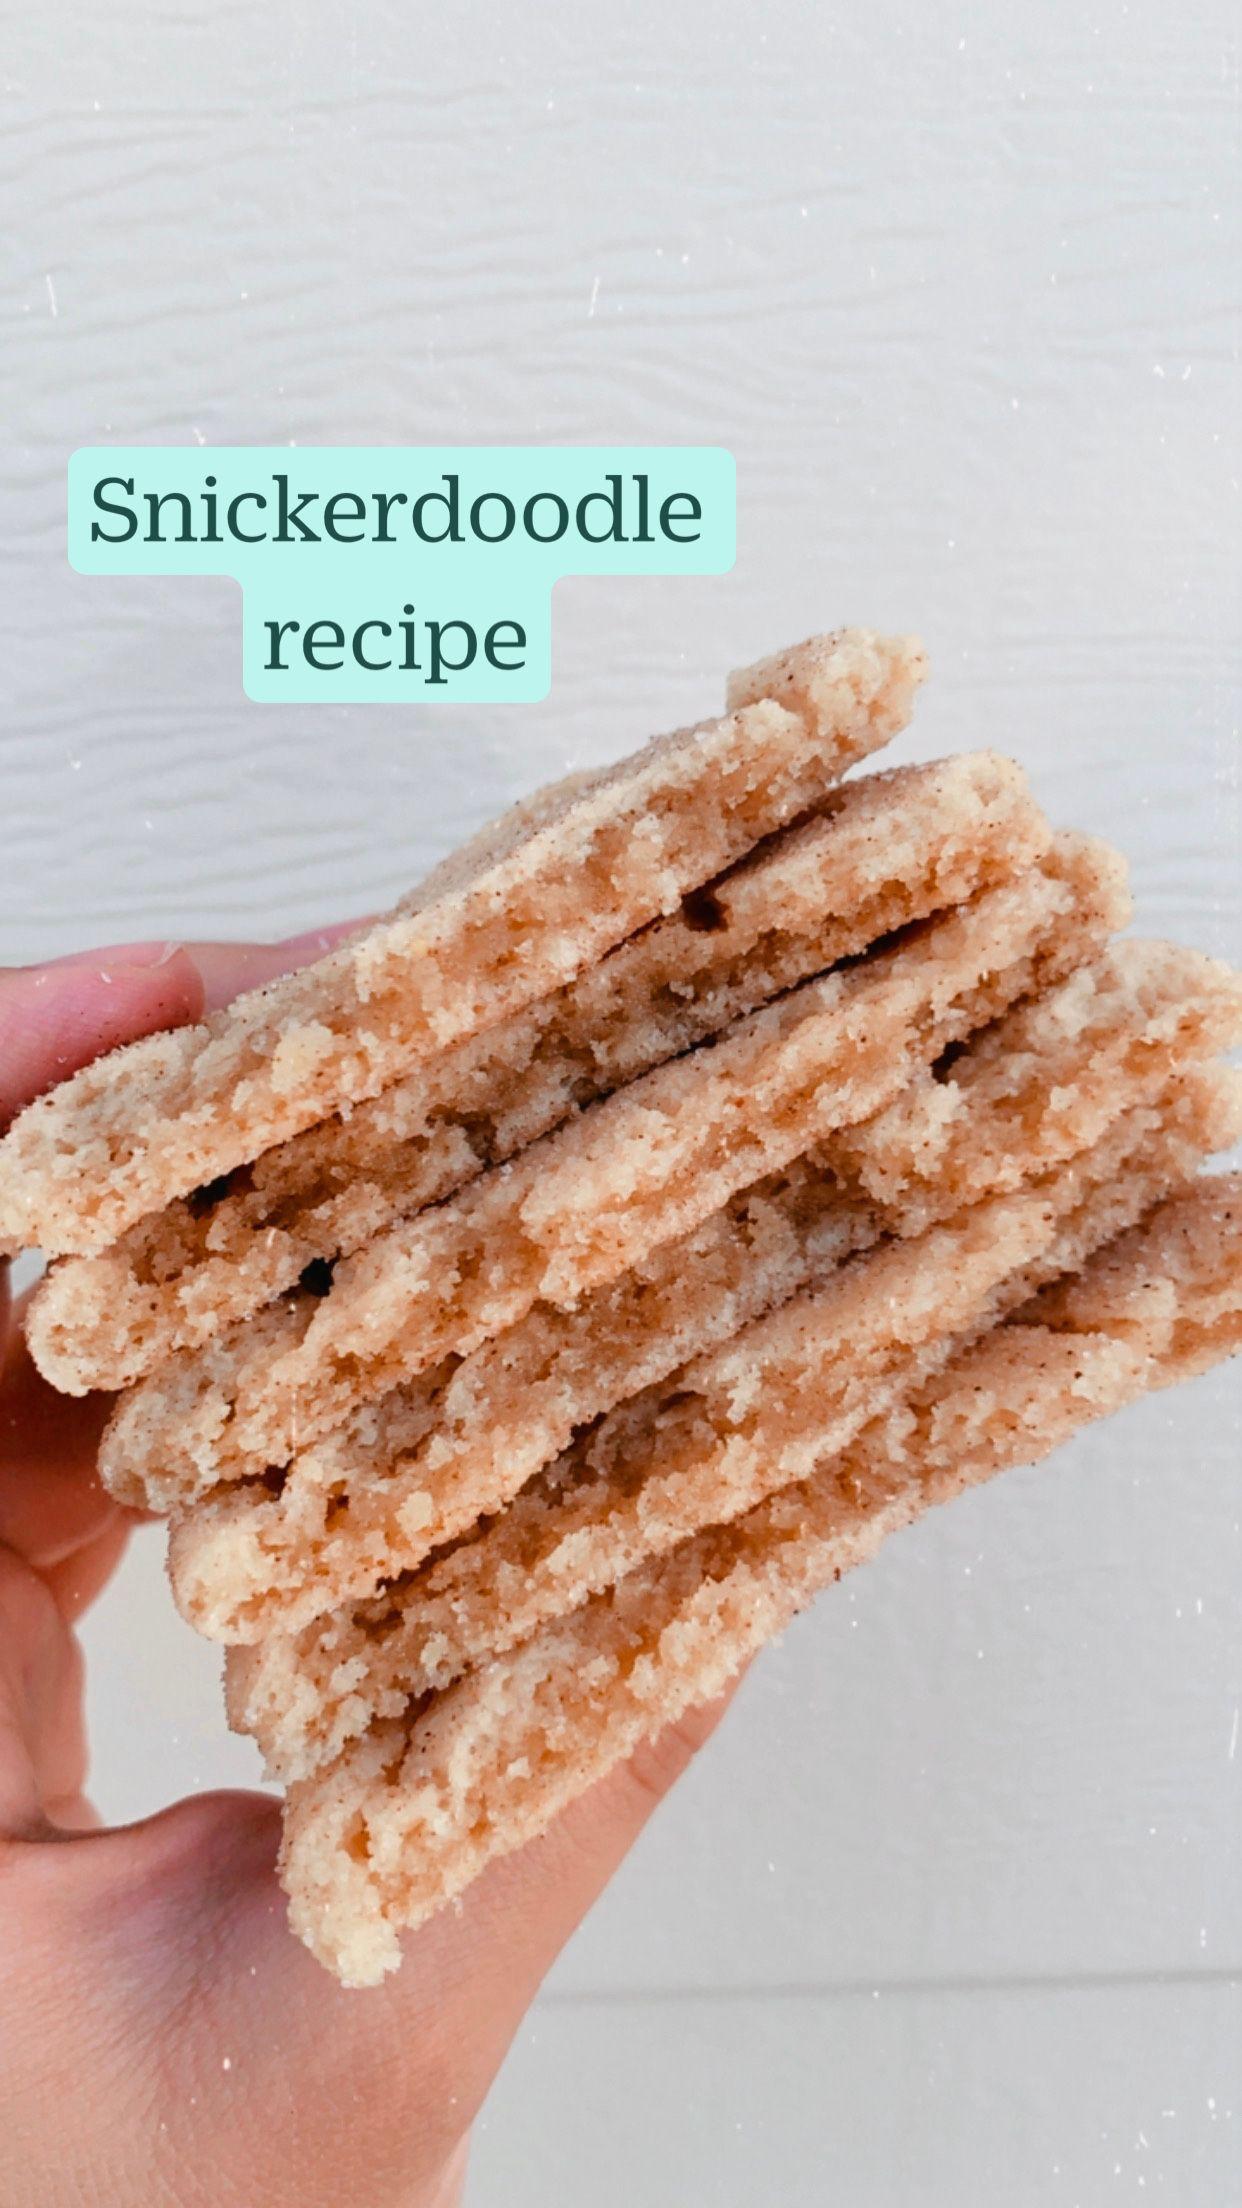 Snickerdoodle recipe